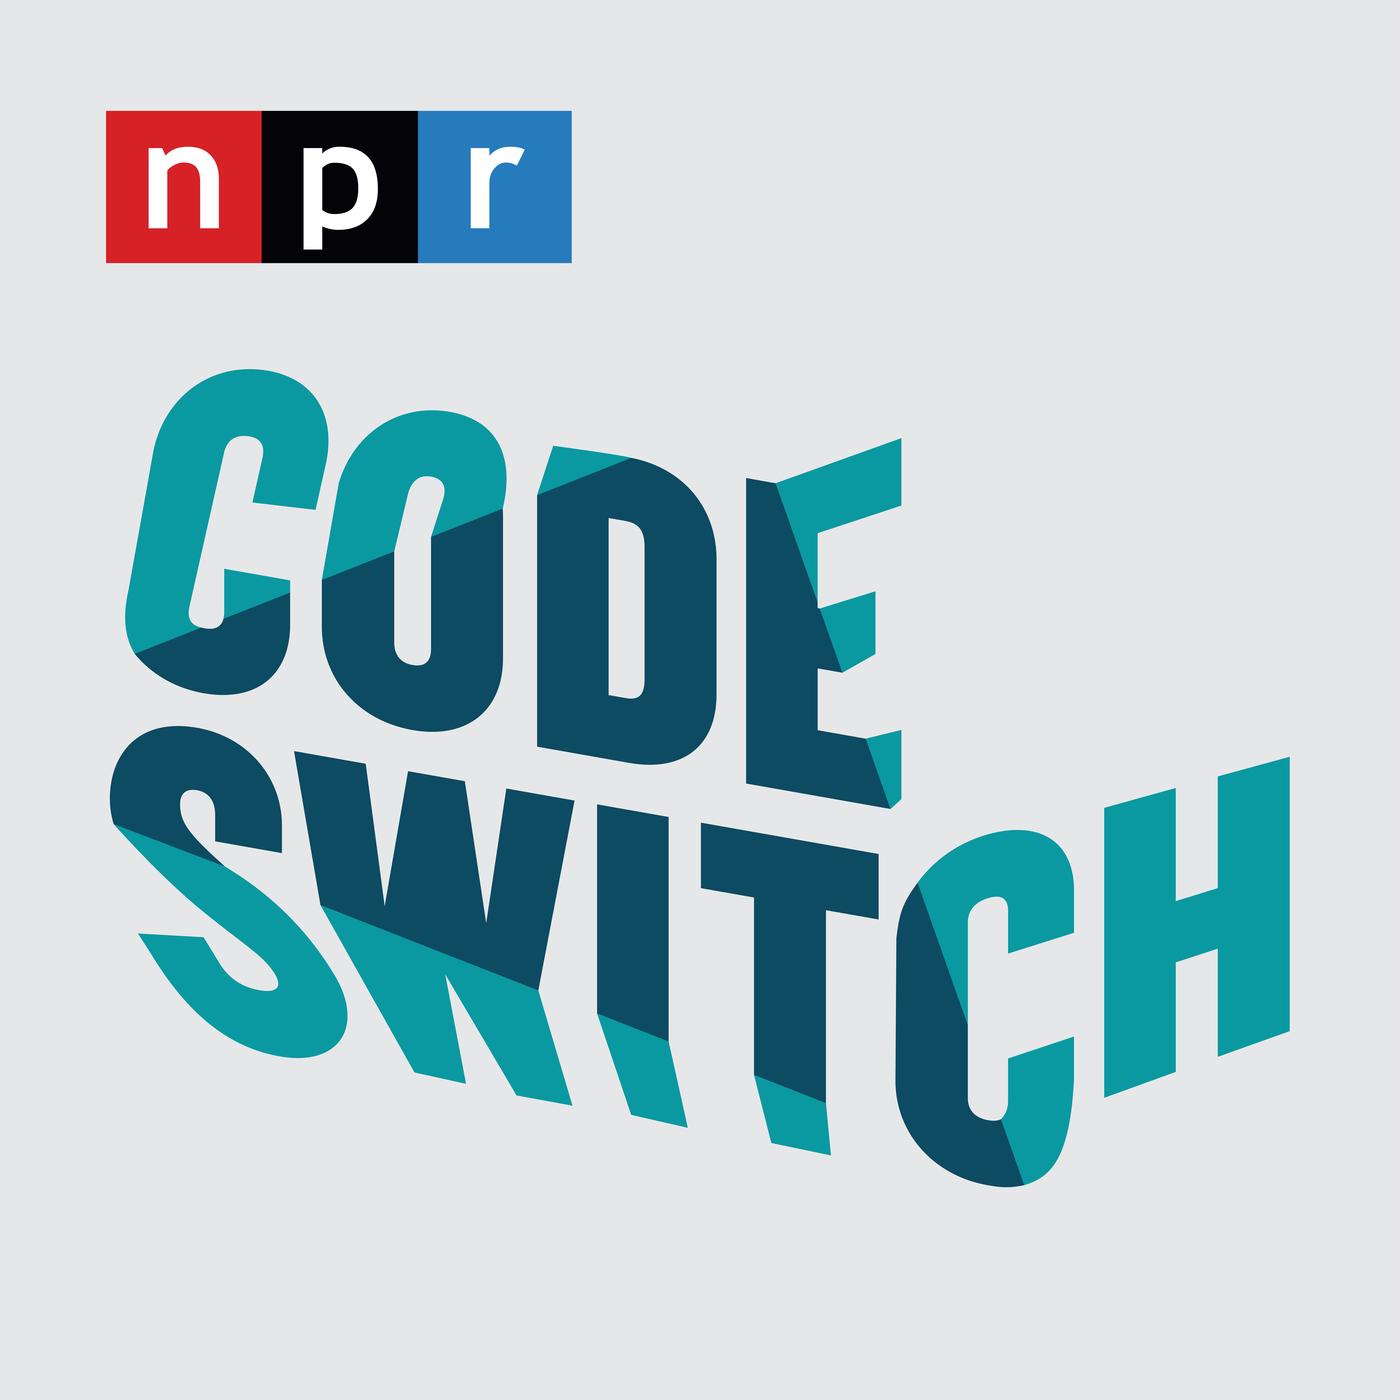 npr_codeswitch_podcasttile_sq-a396f0624532c150ed5b77cefd9065f863f9daf2.jpg